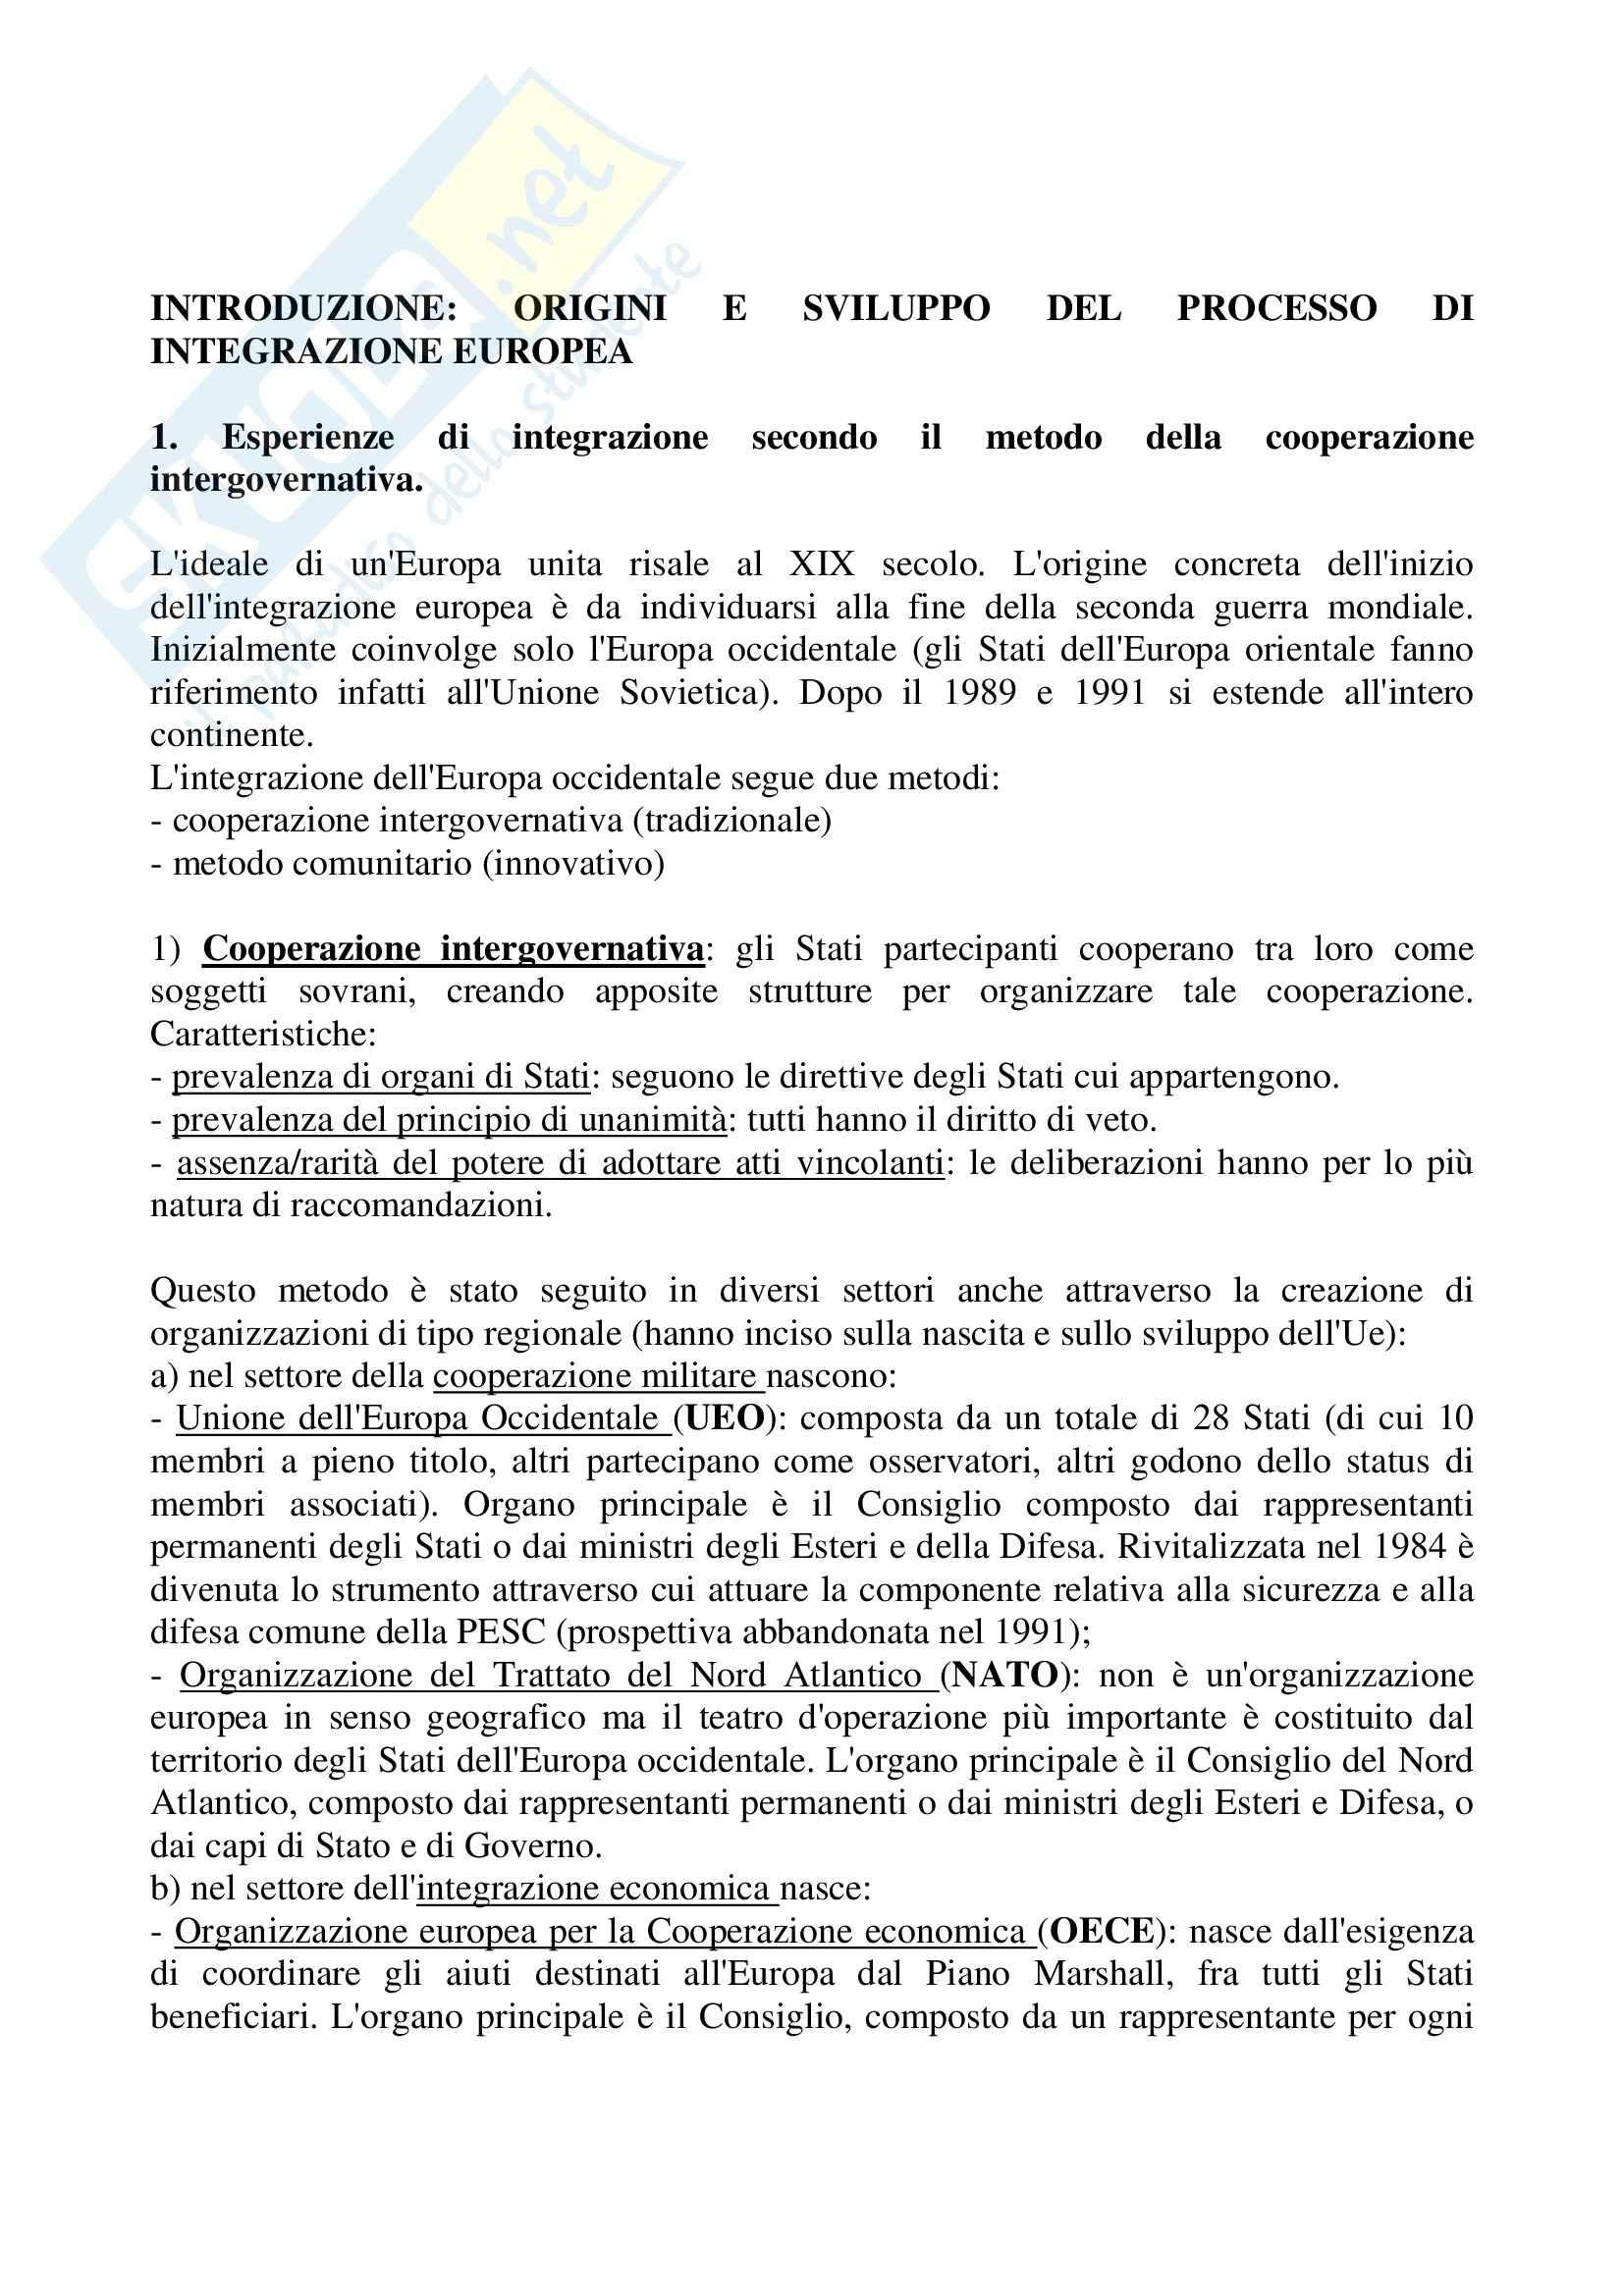 Riassunto esame Diritto dell'Unione Europea, prof. Barel, libro consigliato Diritto dell'Unione Europea, Daniele